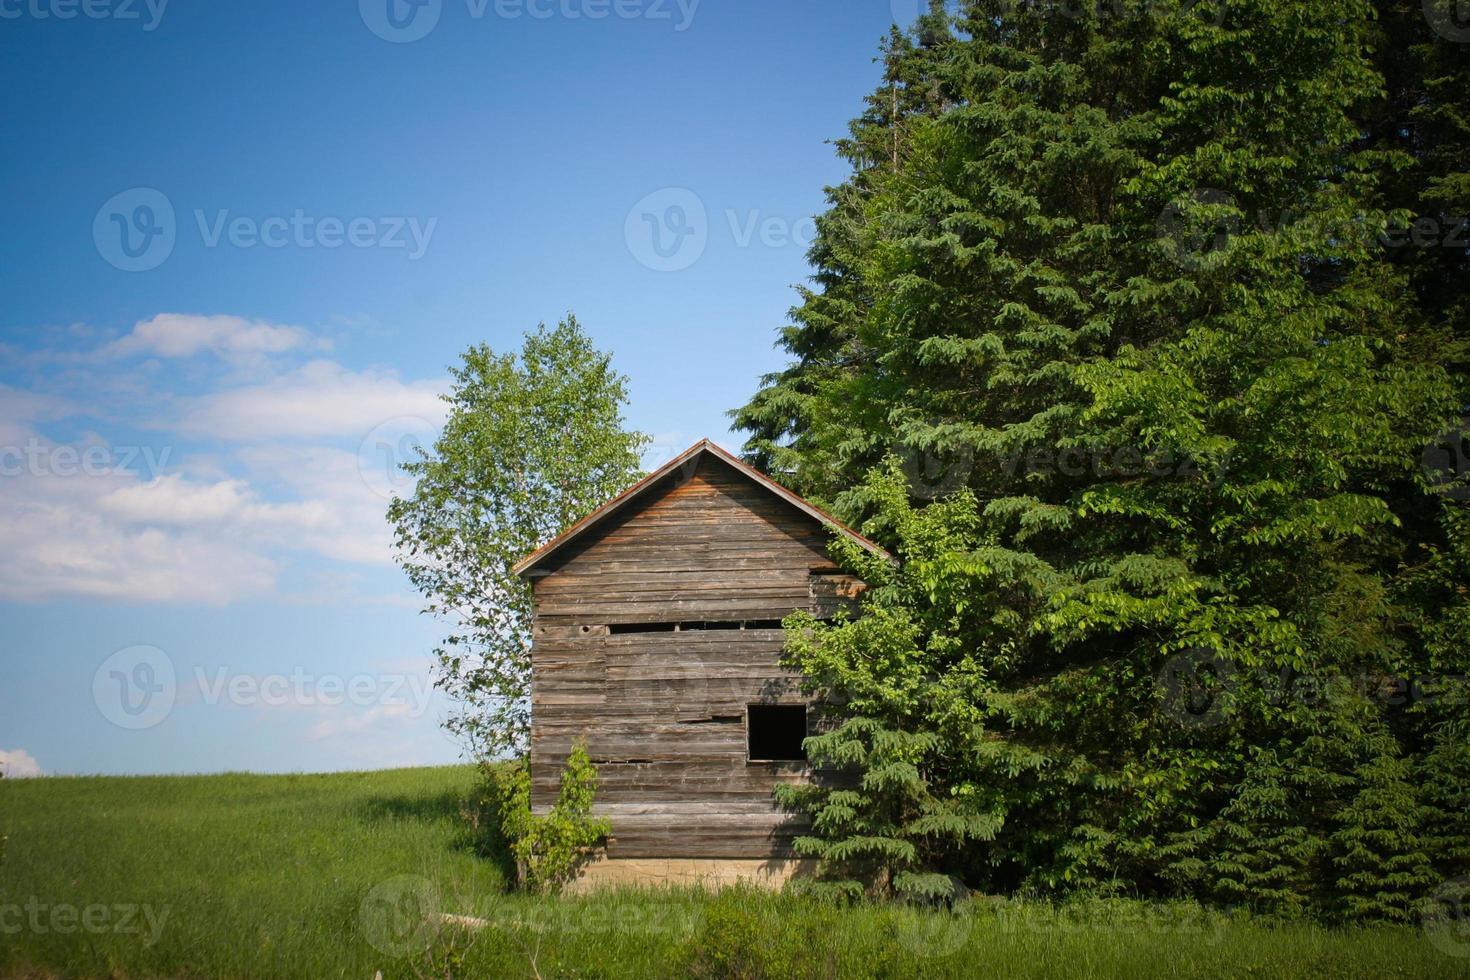 oude houten kleine hut naast groene bomen foto